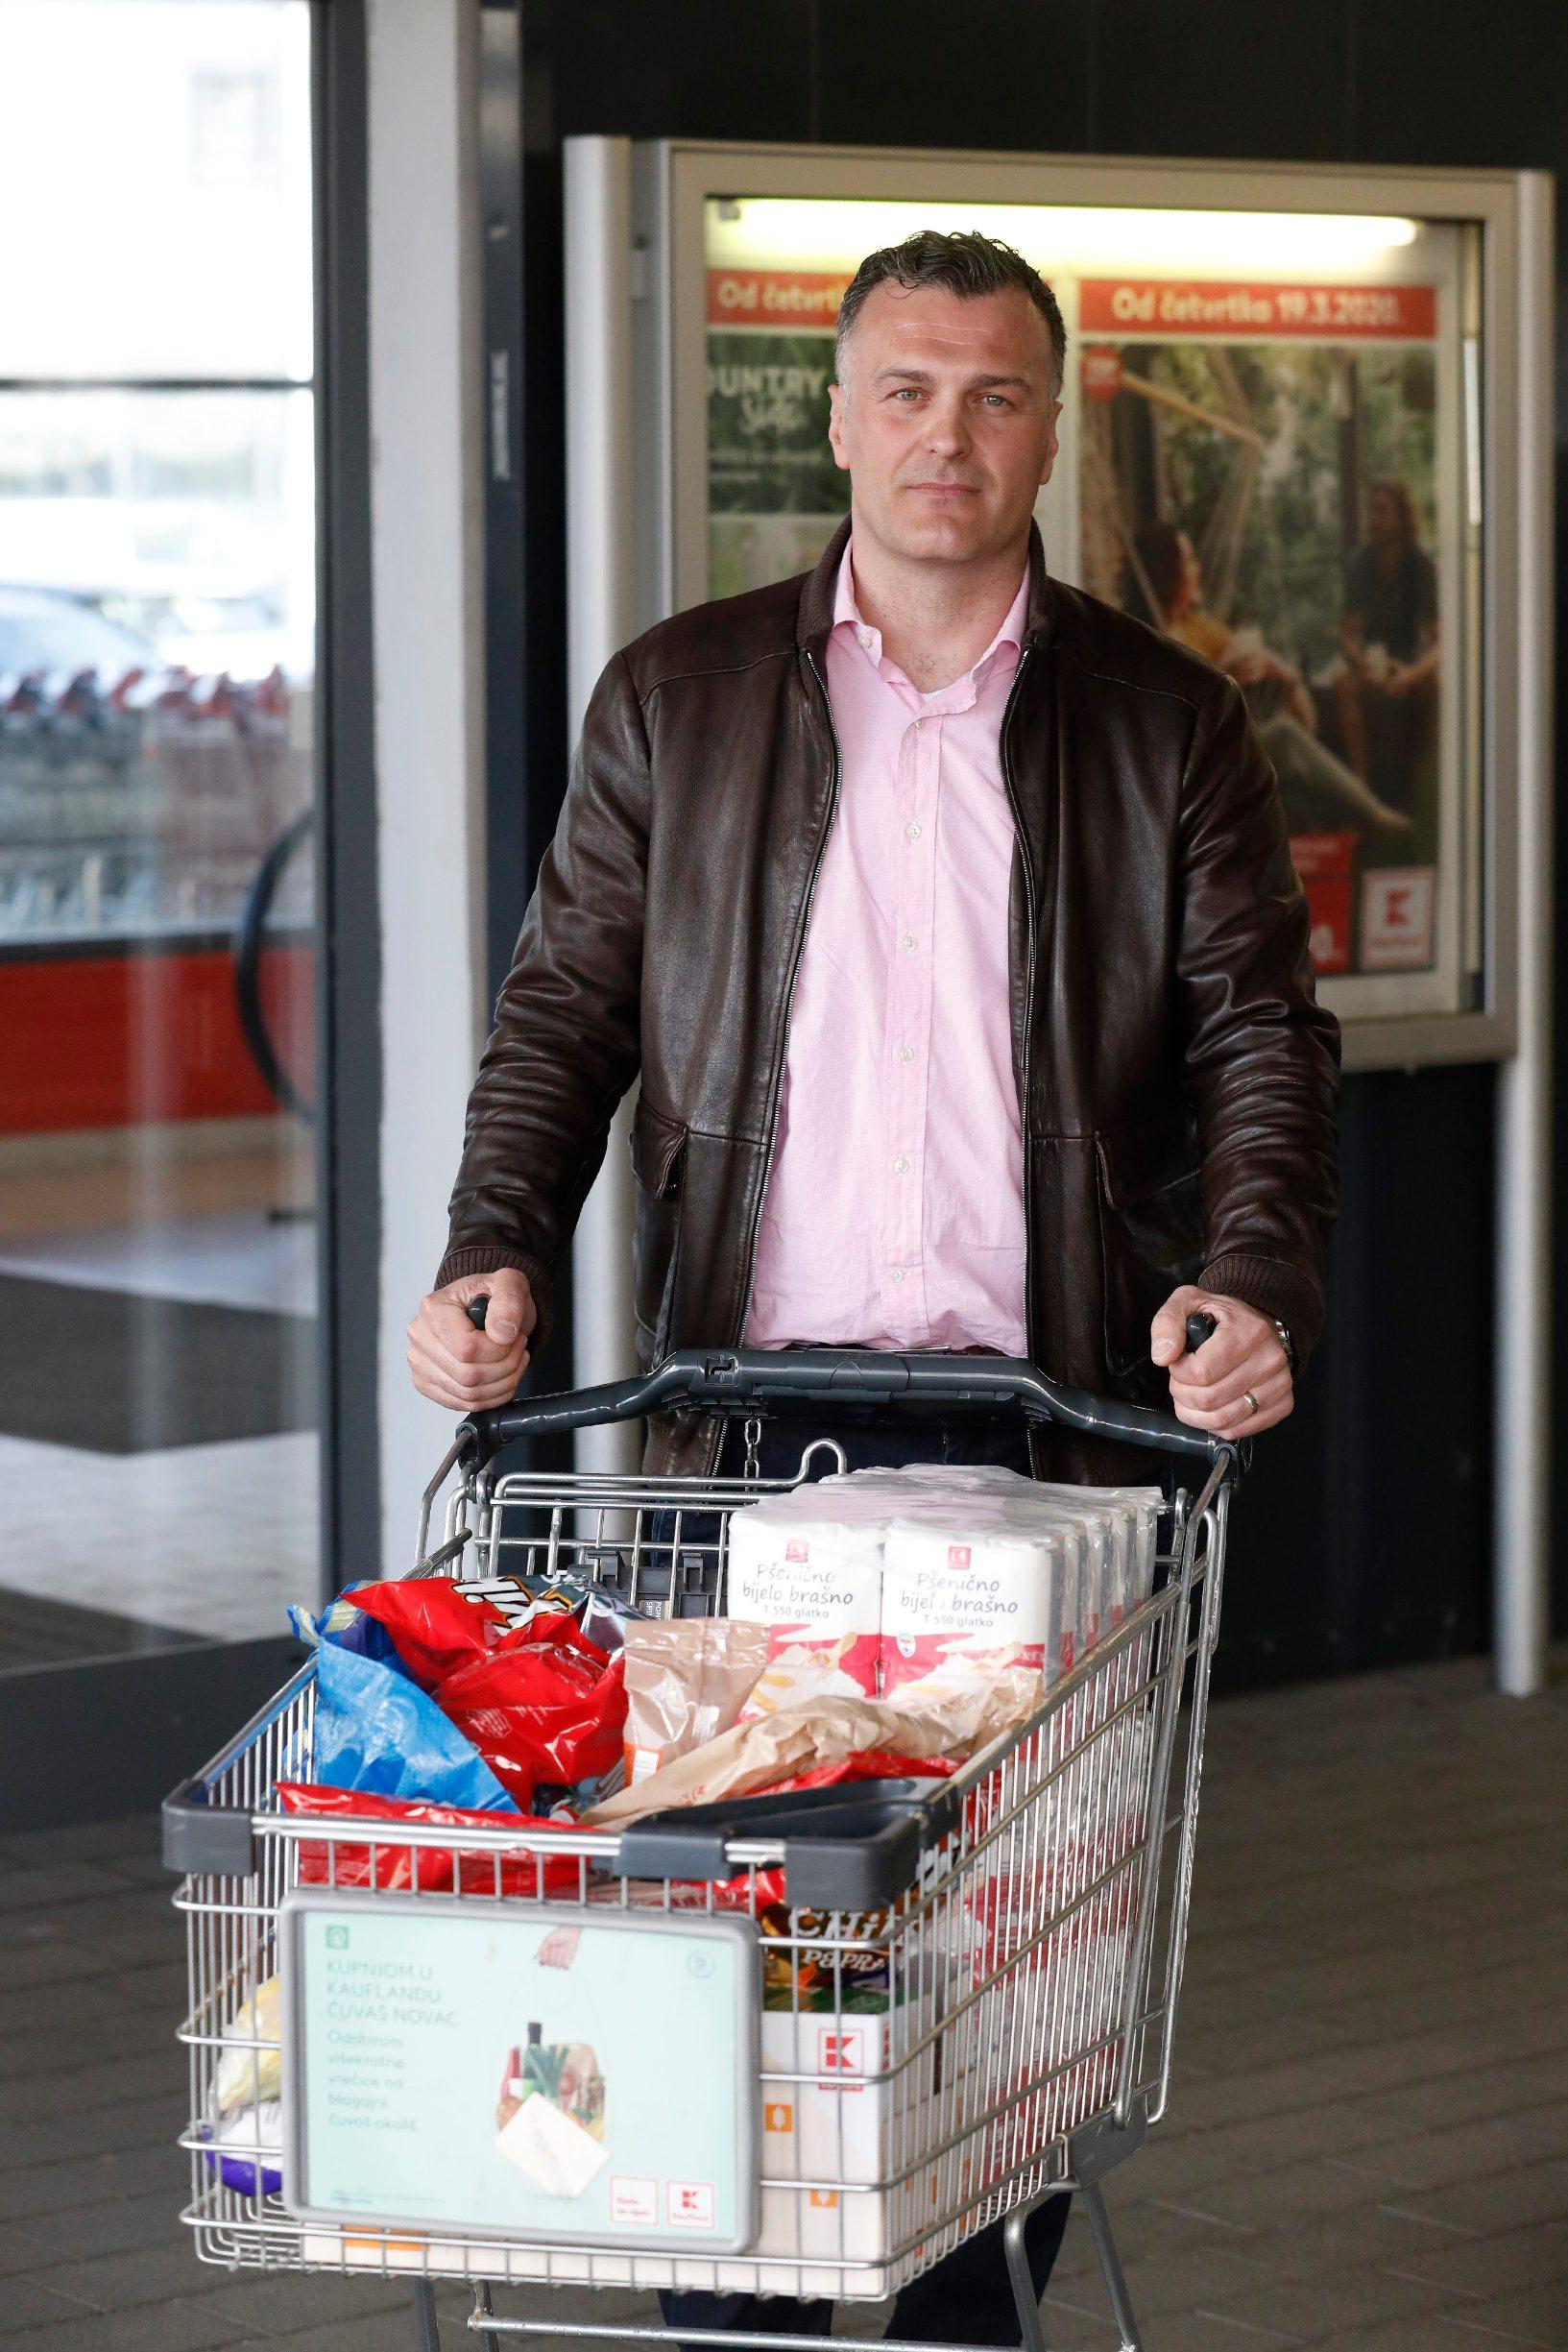 Zagreb, 120320. Kaufland, Zagrebacka cesta. Gradjani kupuju namirnice u Kauflandu. Na fotografiji: Jakov Vinovcic - ekonomist. Foto: CROPIX